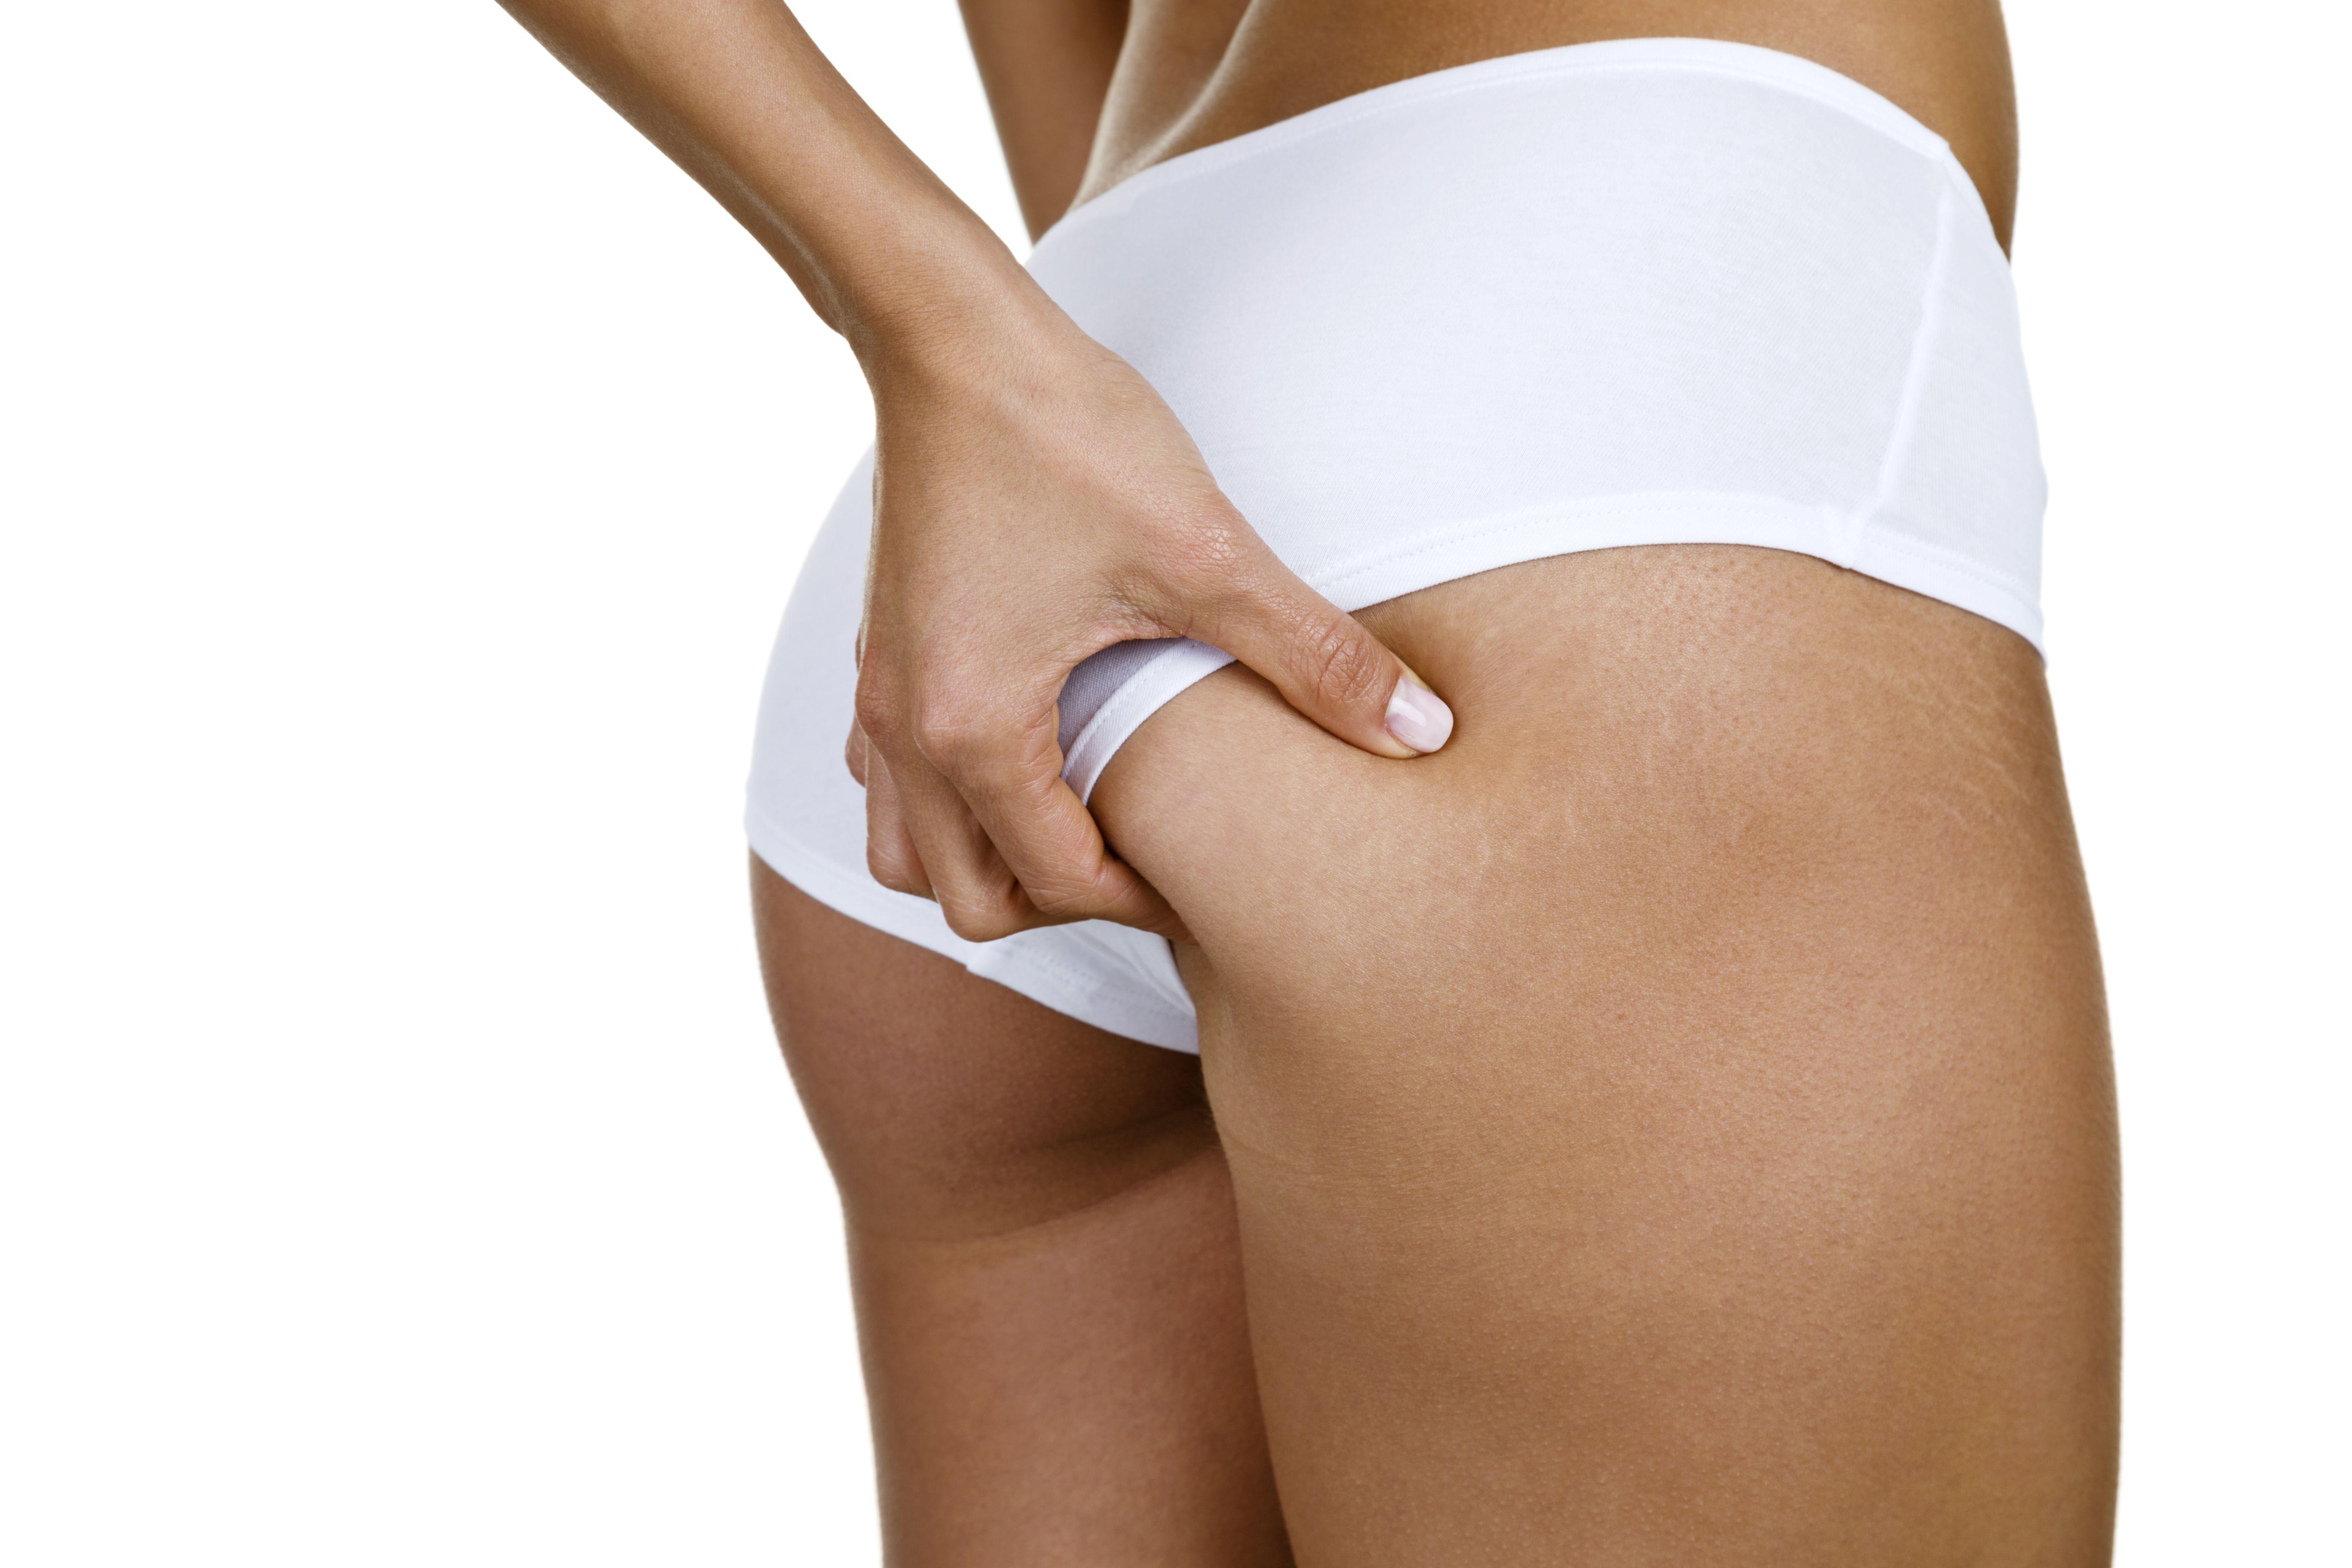 Tratamientos corporales: Servicios de Fain Peluqueros - Mirasierra / Puerta de Hierro